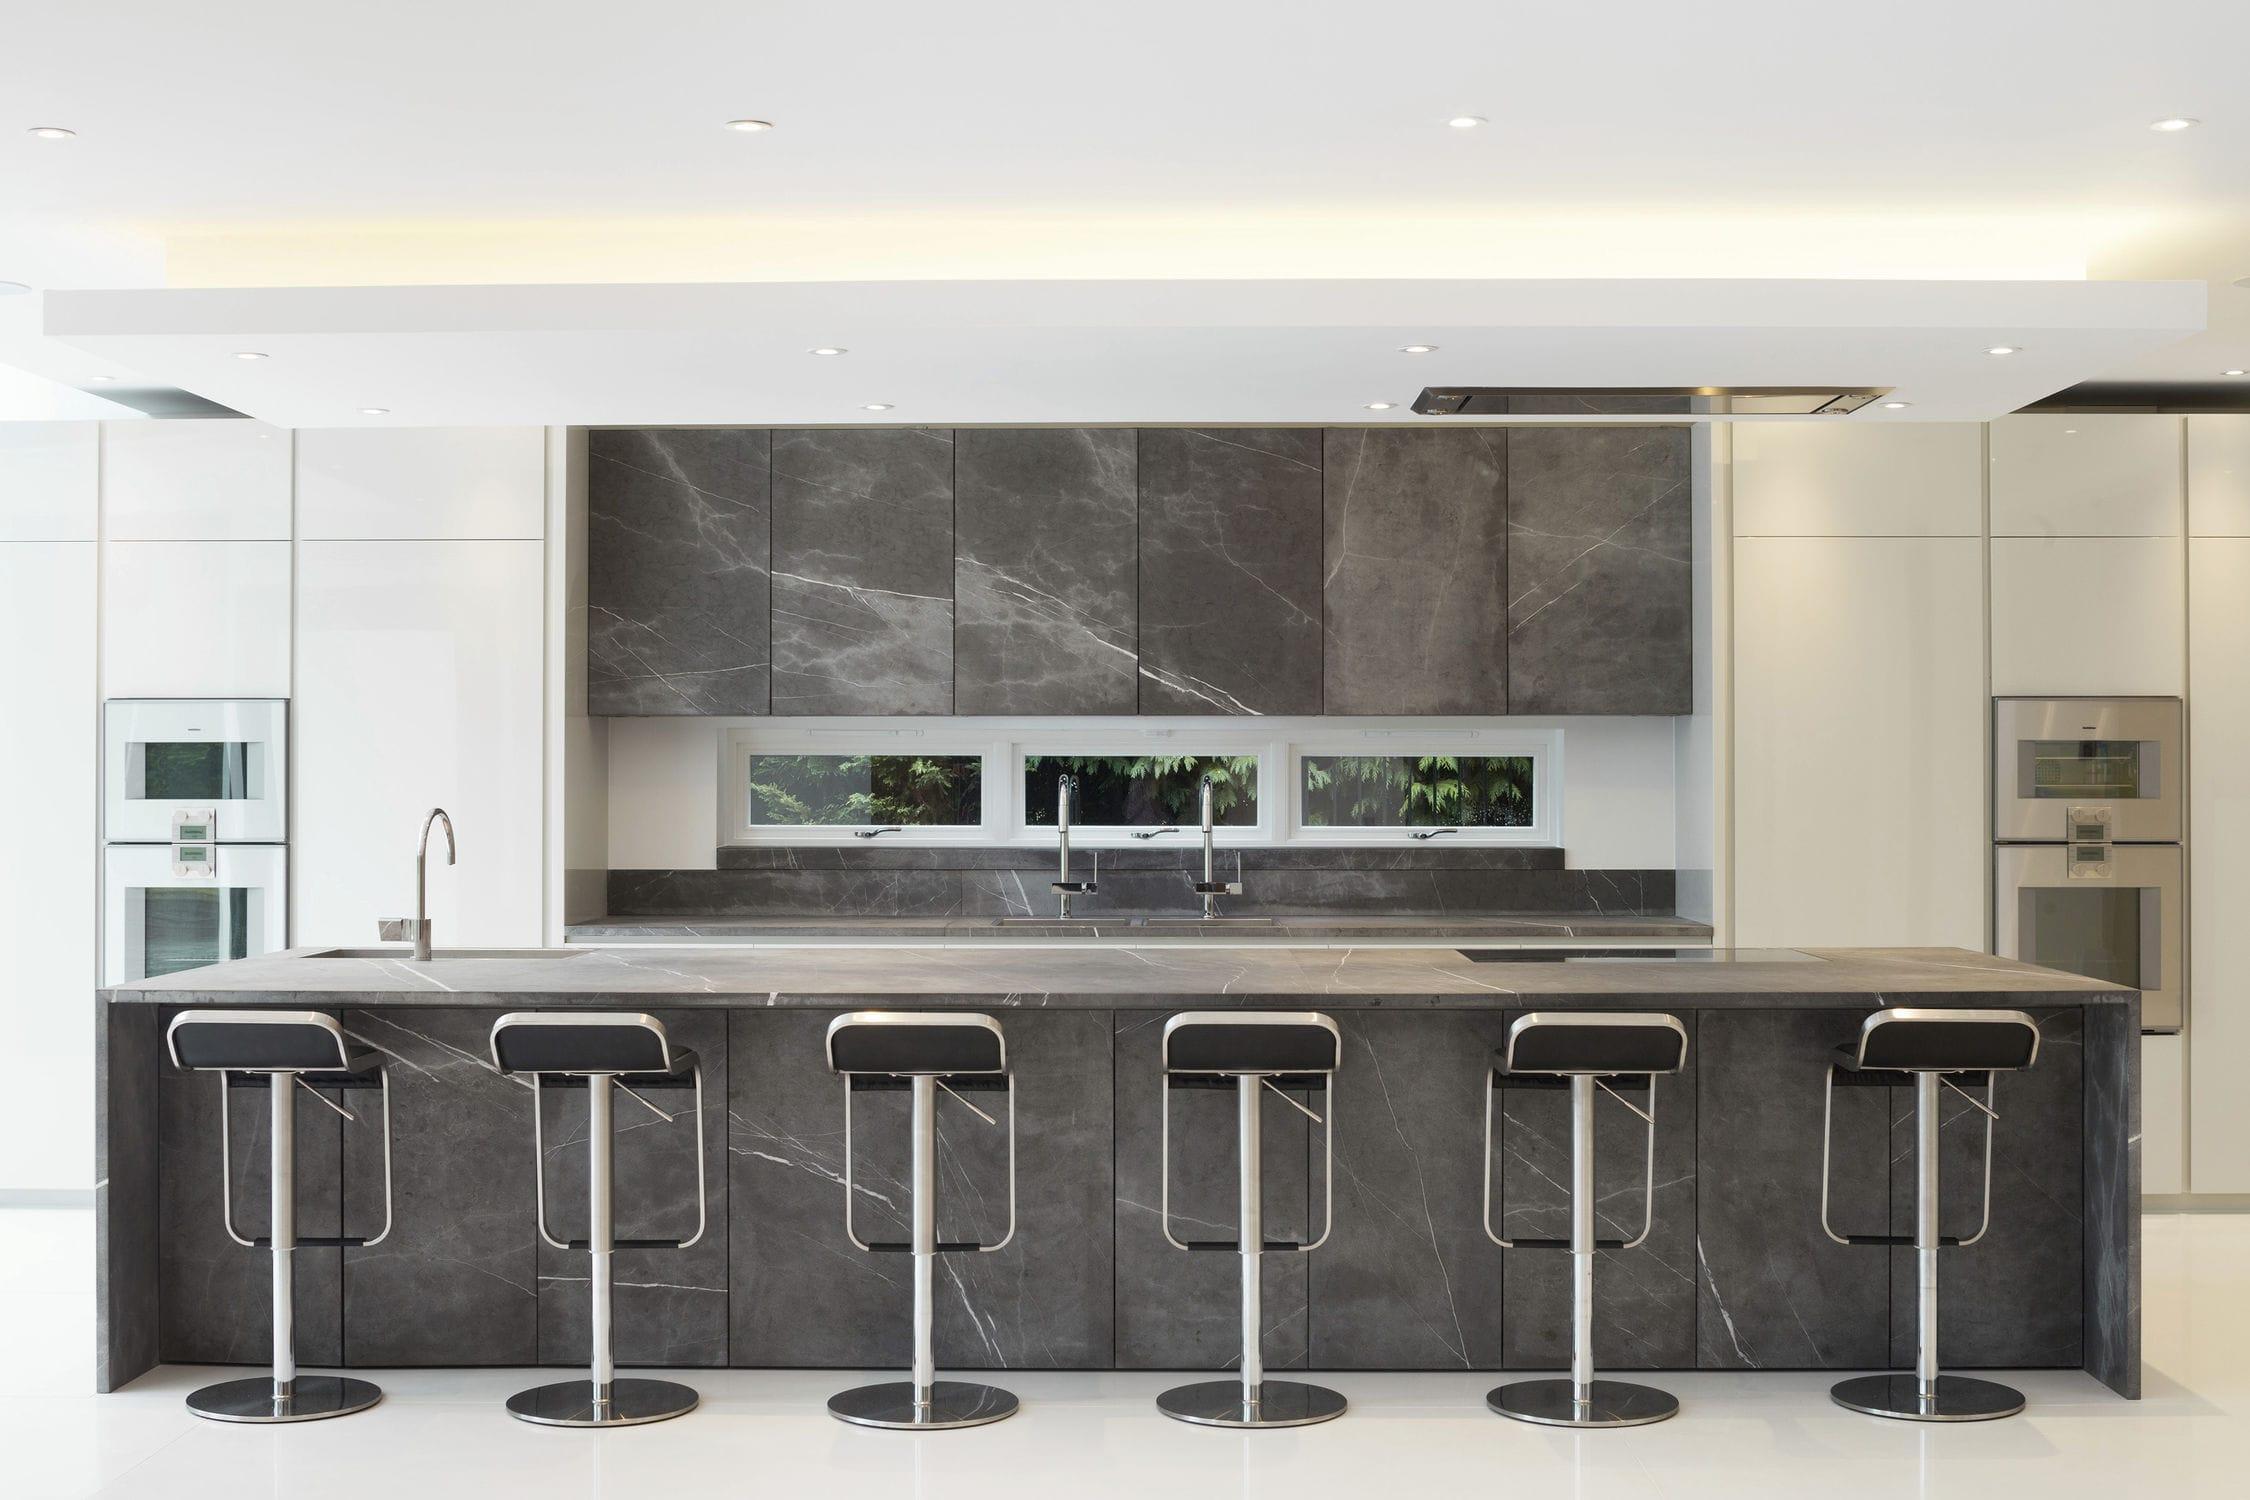 Wohnwand design stein  Moderne Küche / Stein / Kochinsel - 201212#01_T45_PIETRA DI ...